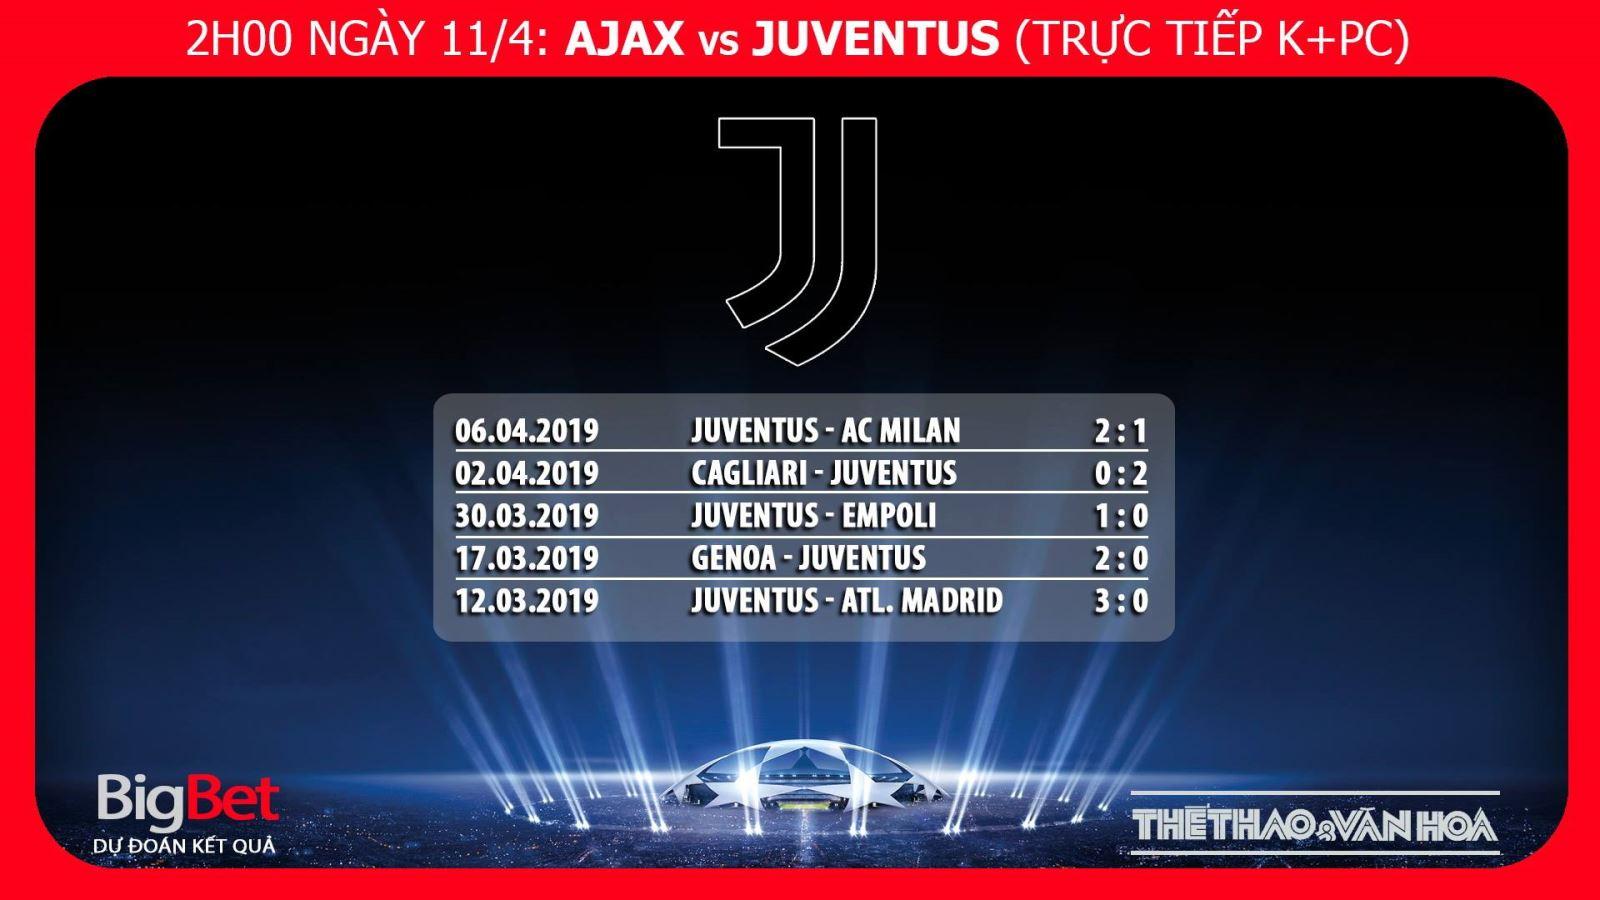 Kèo Ajax vs Juventus, soi kèo Ajax vs Juve, kèo Juve vs Ajax, soi kèo Juventus vs Ajax, kèo bóng đá, dự đoán bóng đá, nhận định Ajax vs Juve, tỉ lệ cược Juventus vs Ajax, kèo Ajax, kèo Juventus